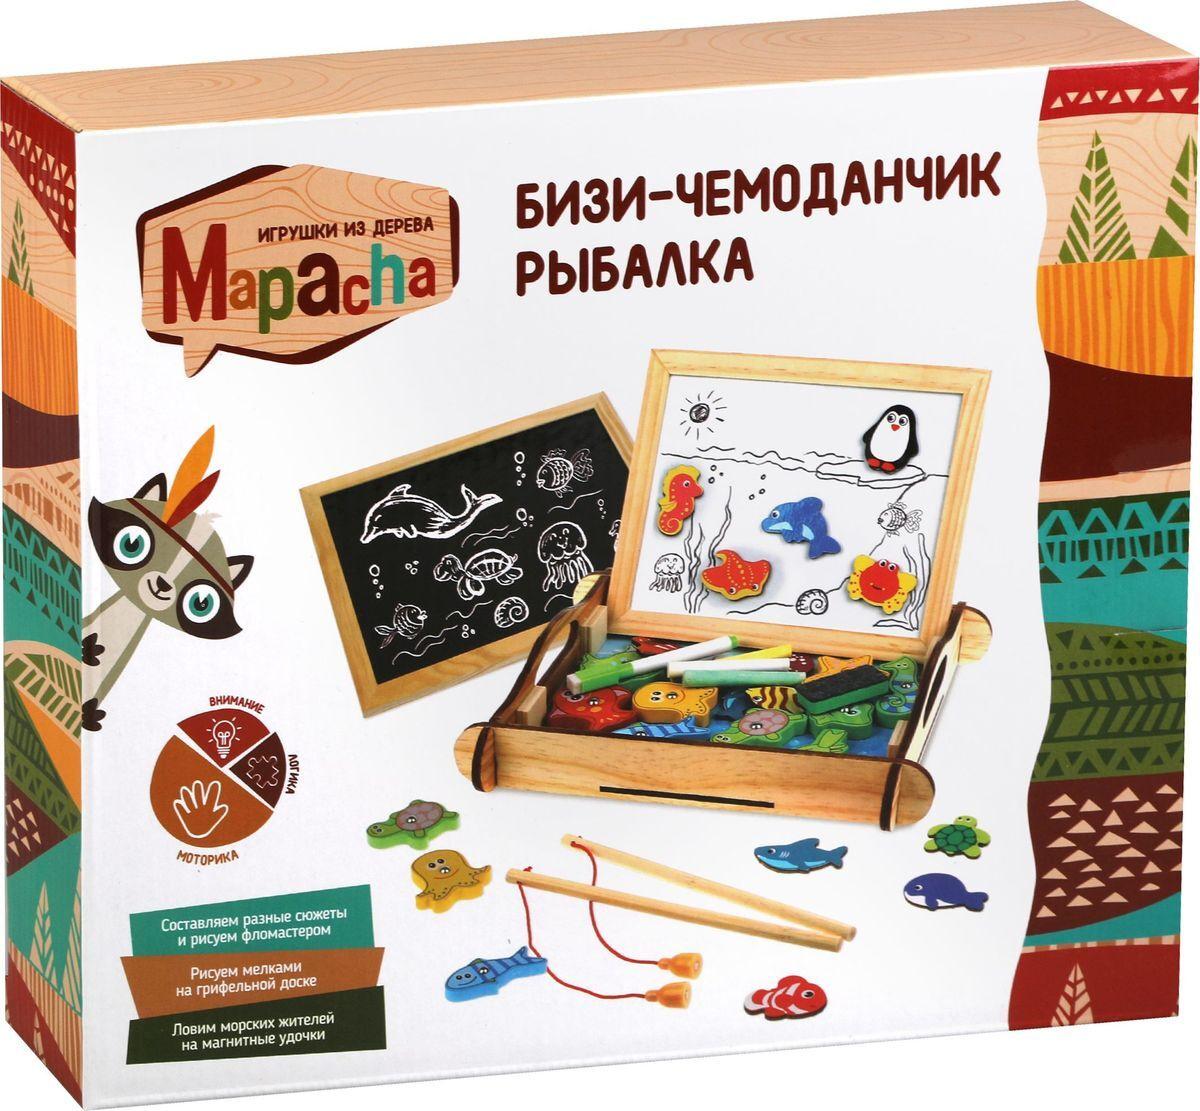 """Игровая атрибутика Mapacha Бизи-чемоданчик """"Рыбалка"""", 76842 , 29 х 24 х 6 см, разноцветный  #1"""